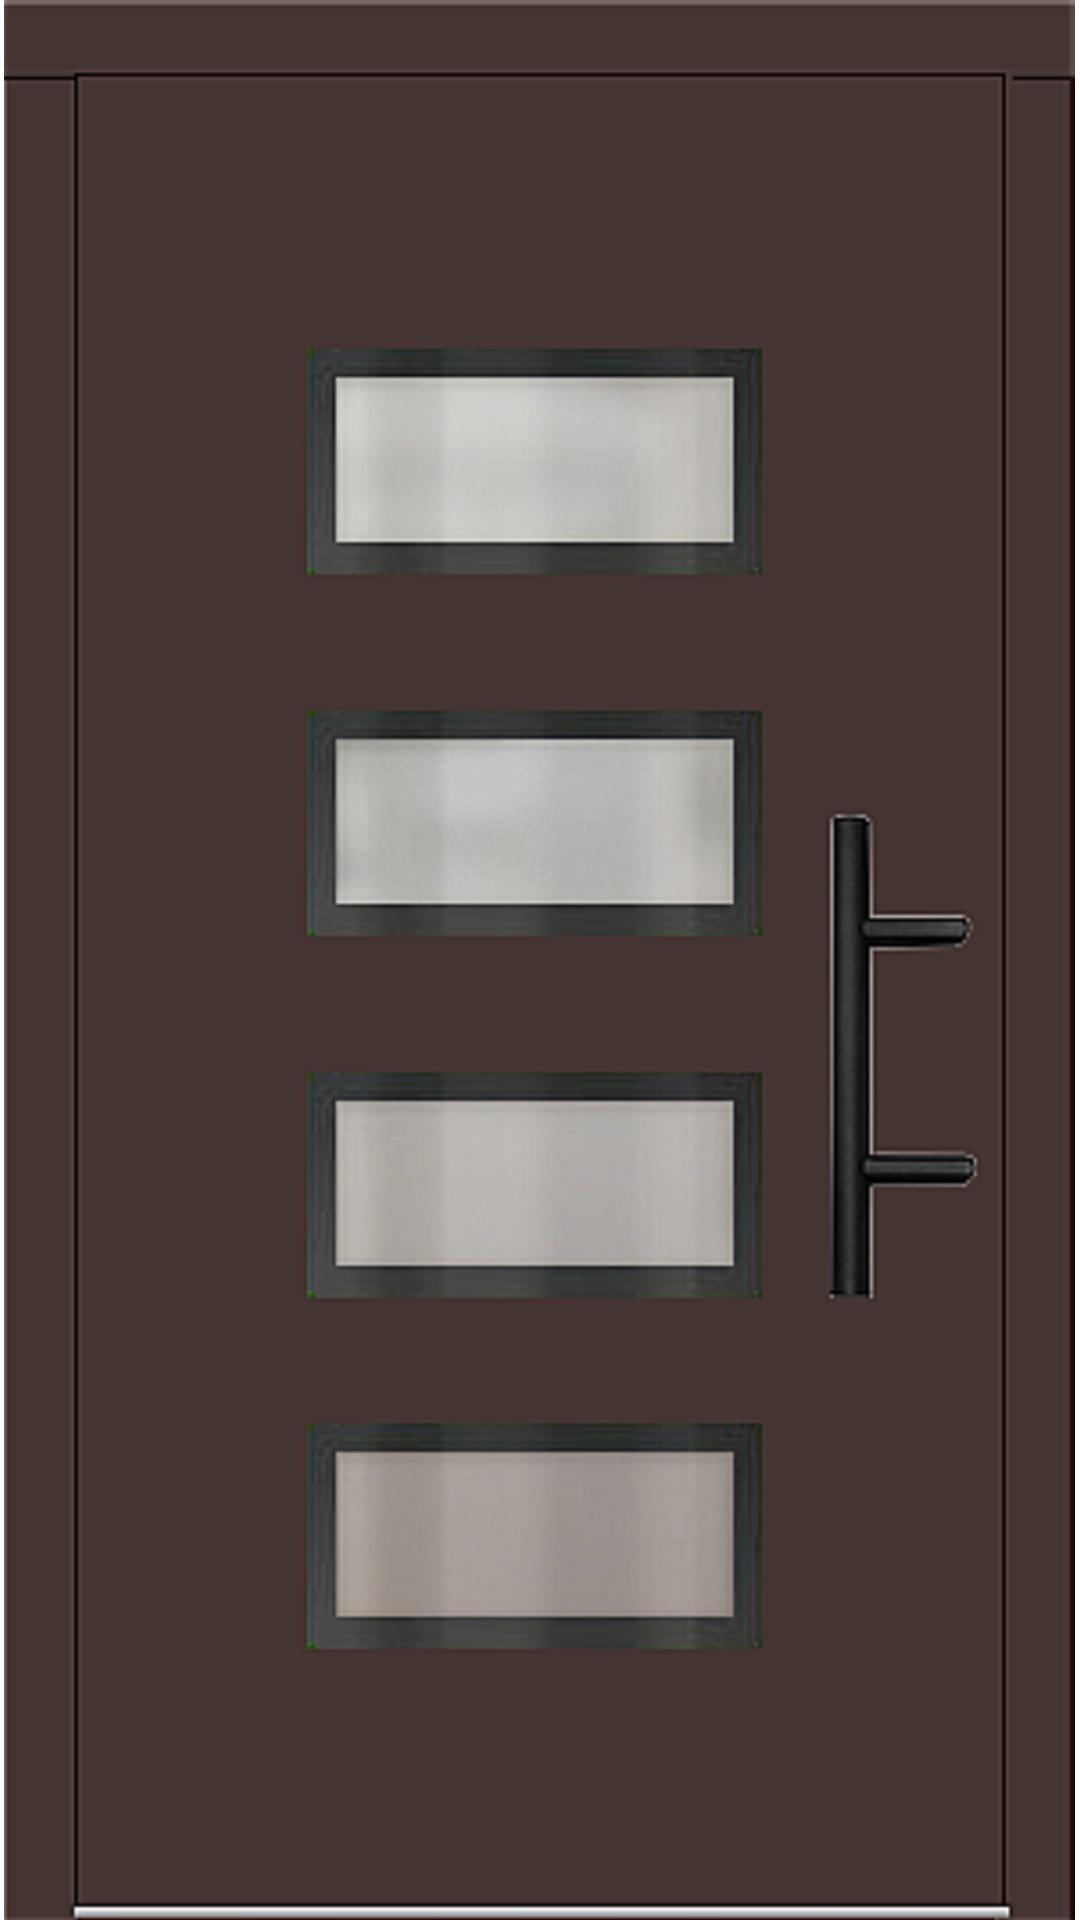 Holz Haustür Modell 70540 mahagonibraun